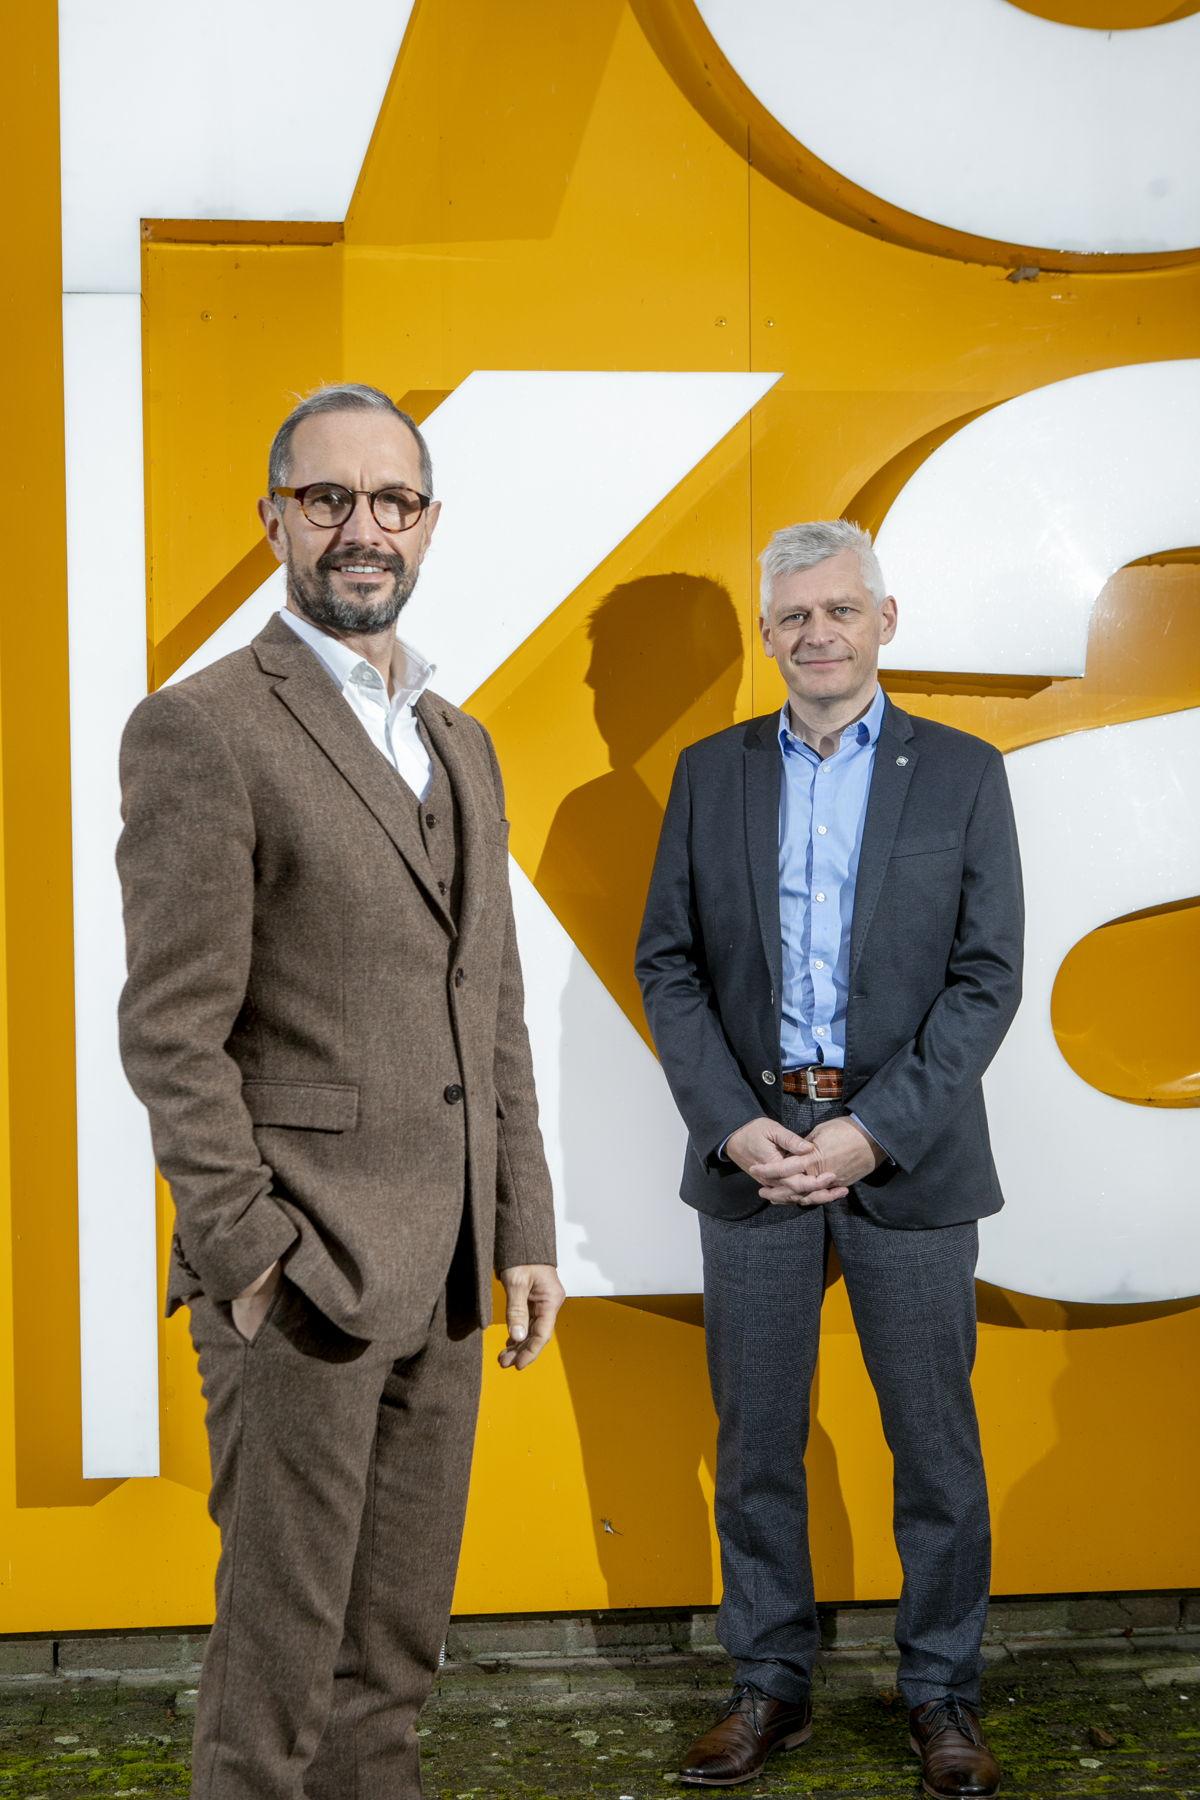 """Gedelegeerd bestuurder Tom Laveren (links) en de nieuwe voorzitter Ronny Van Broekhoven (rechts). """"We willen de meerwaarde van onze Voka-Kamer nog meer laten voelen bij onze leden."""""""